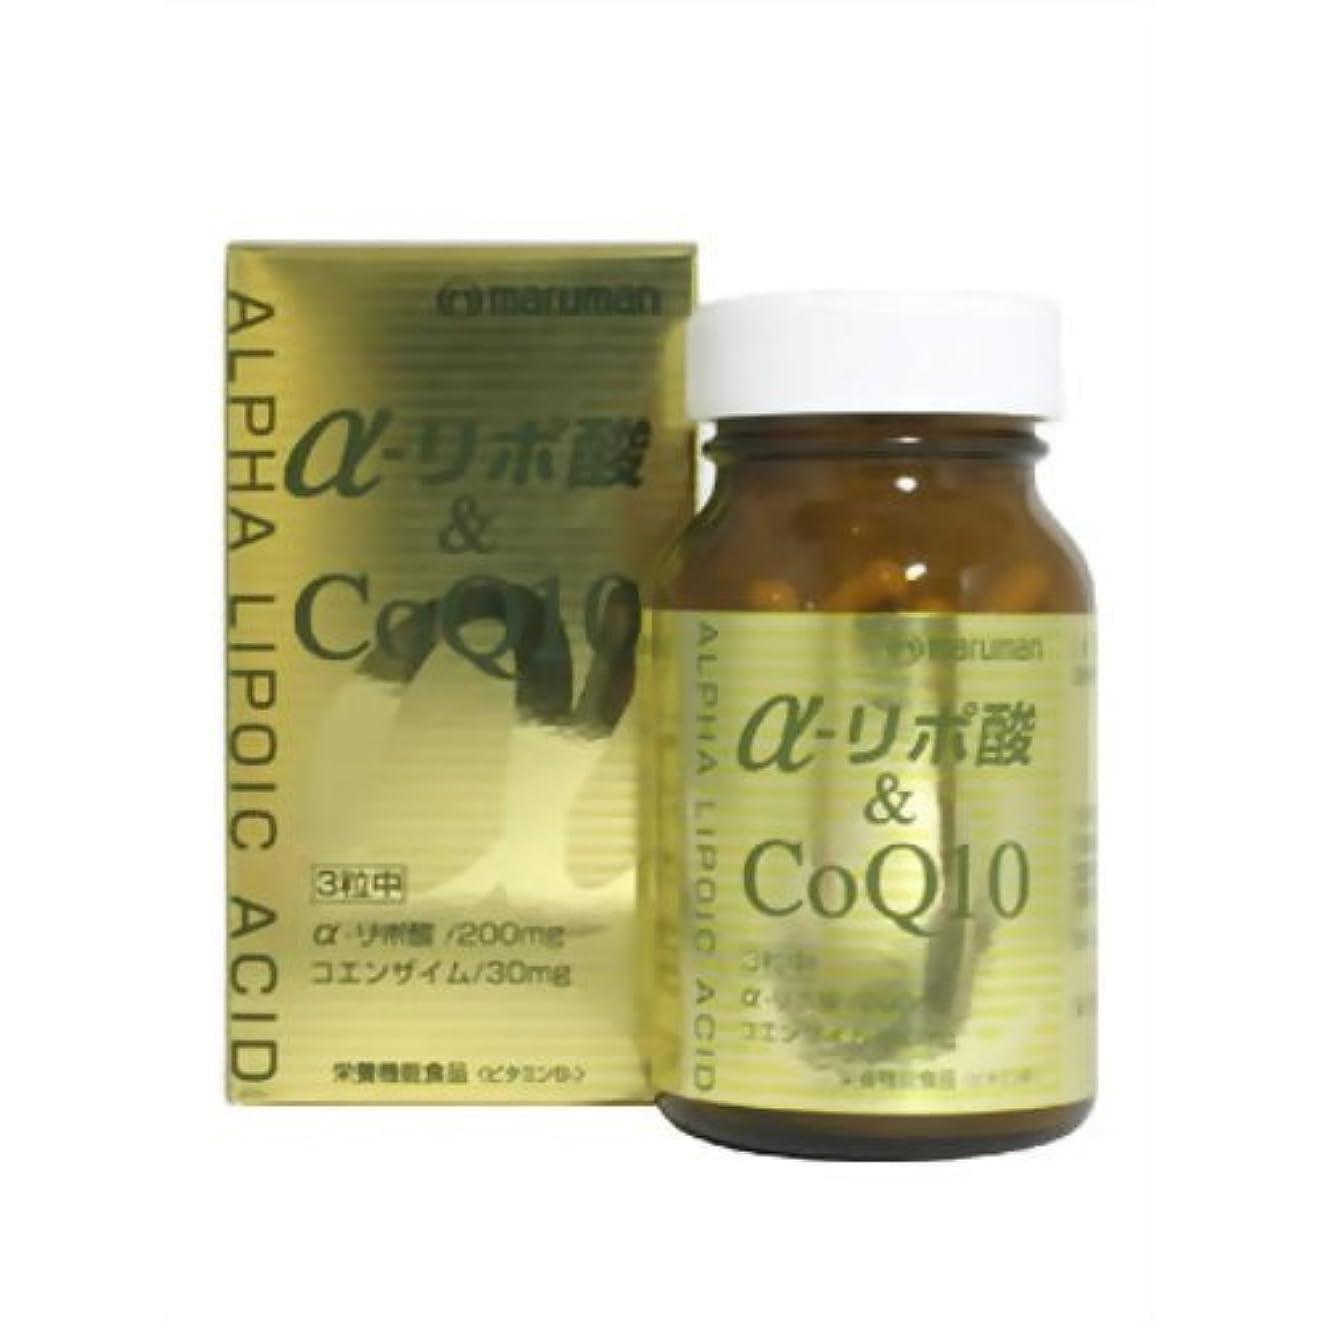 艶マットレスマーキーαリポ酸&CoQ10 90粒 ×6個セット